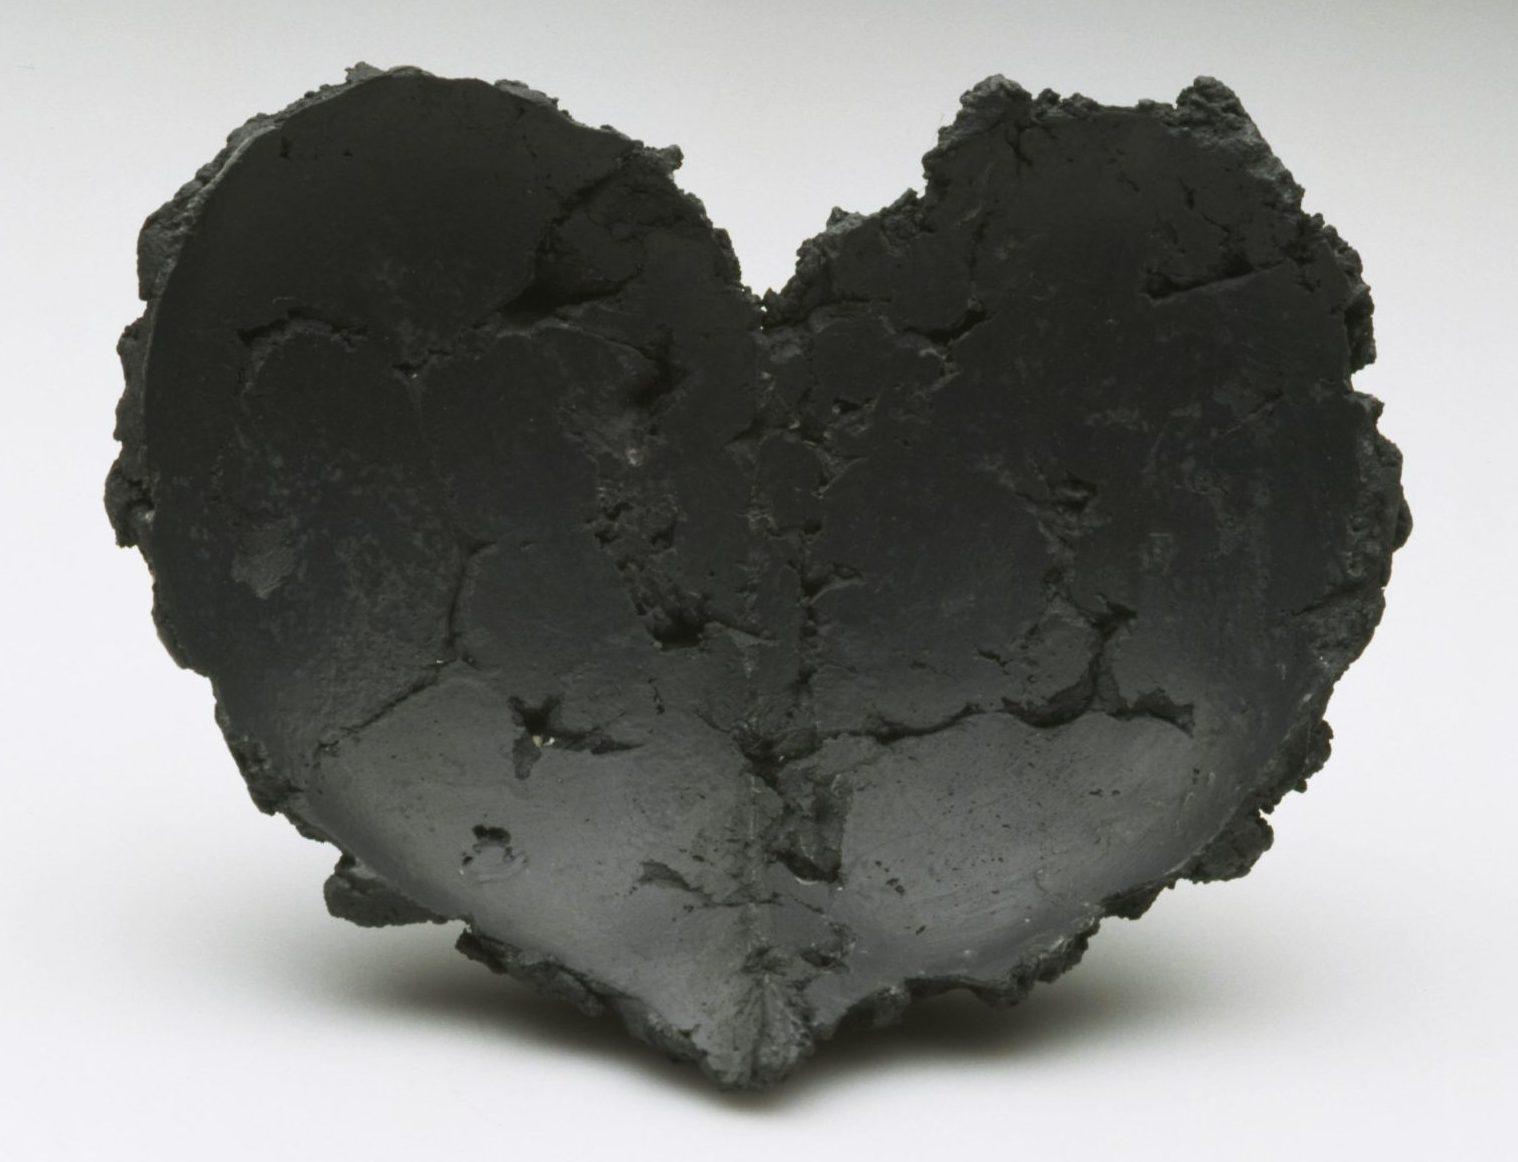 Sally Marsland, Almost Black, broche, 2000-2001. Foto met dank aan Stichting Françoise van den Bosch©